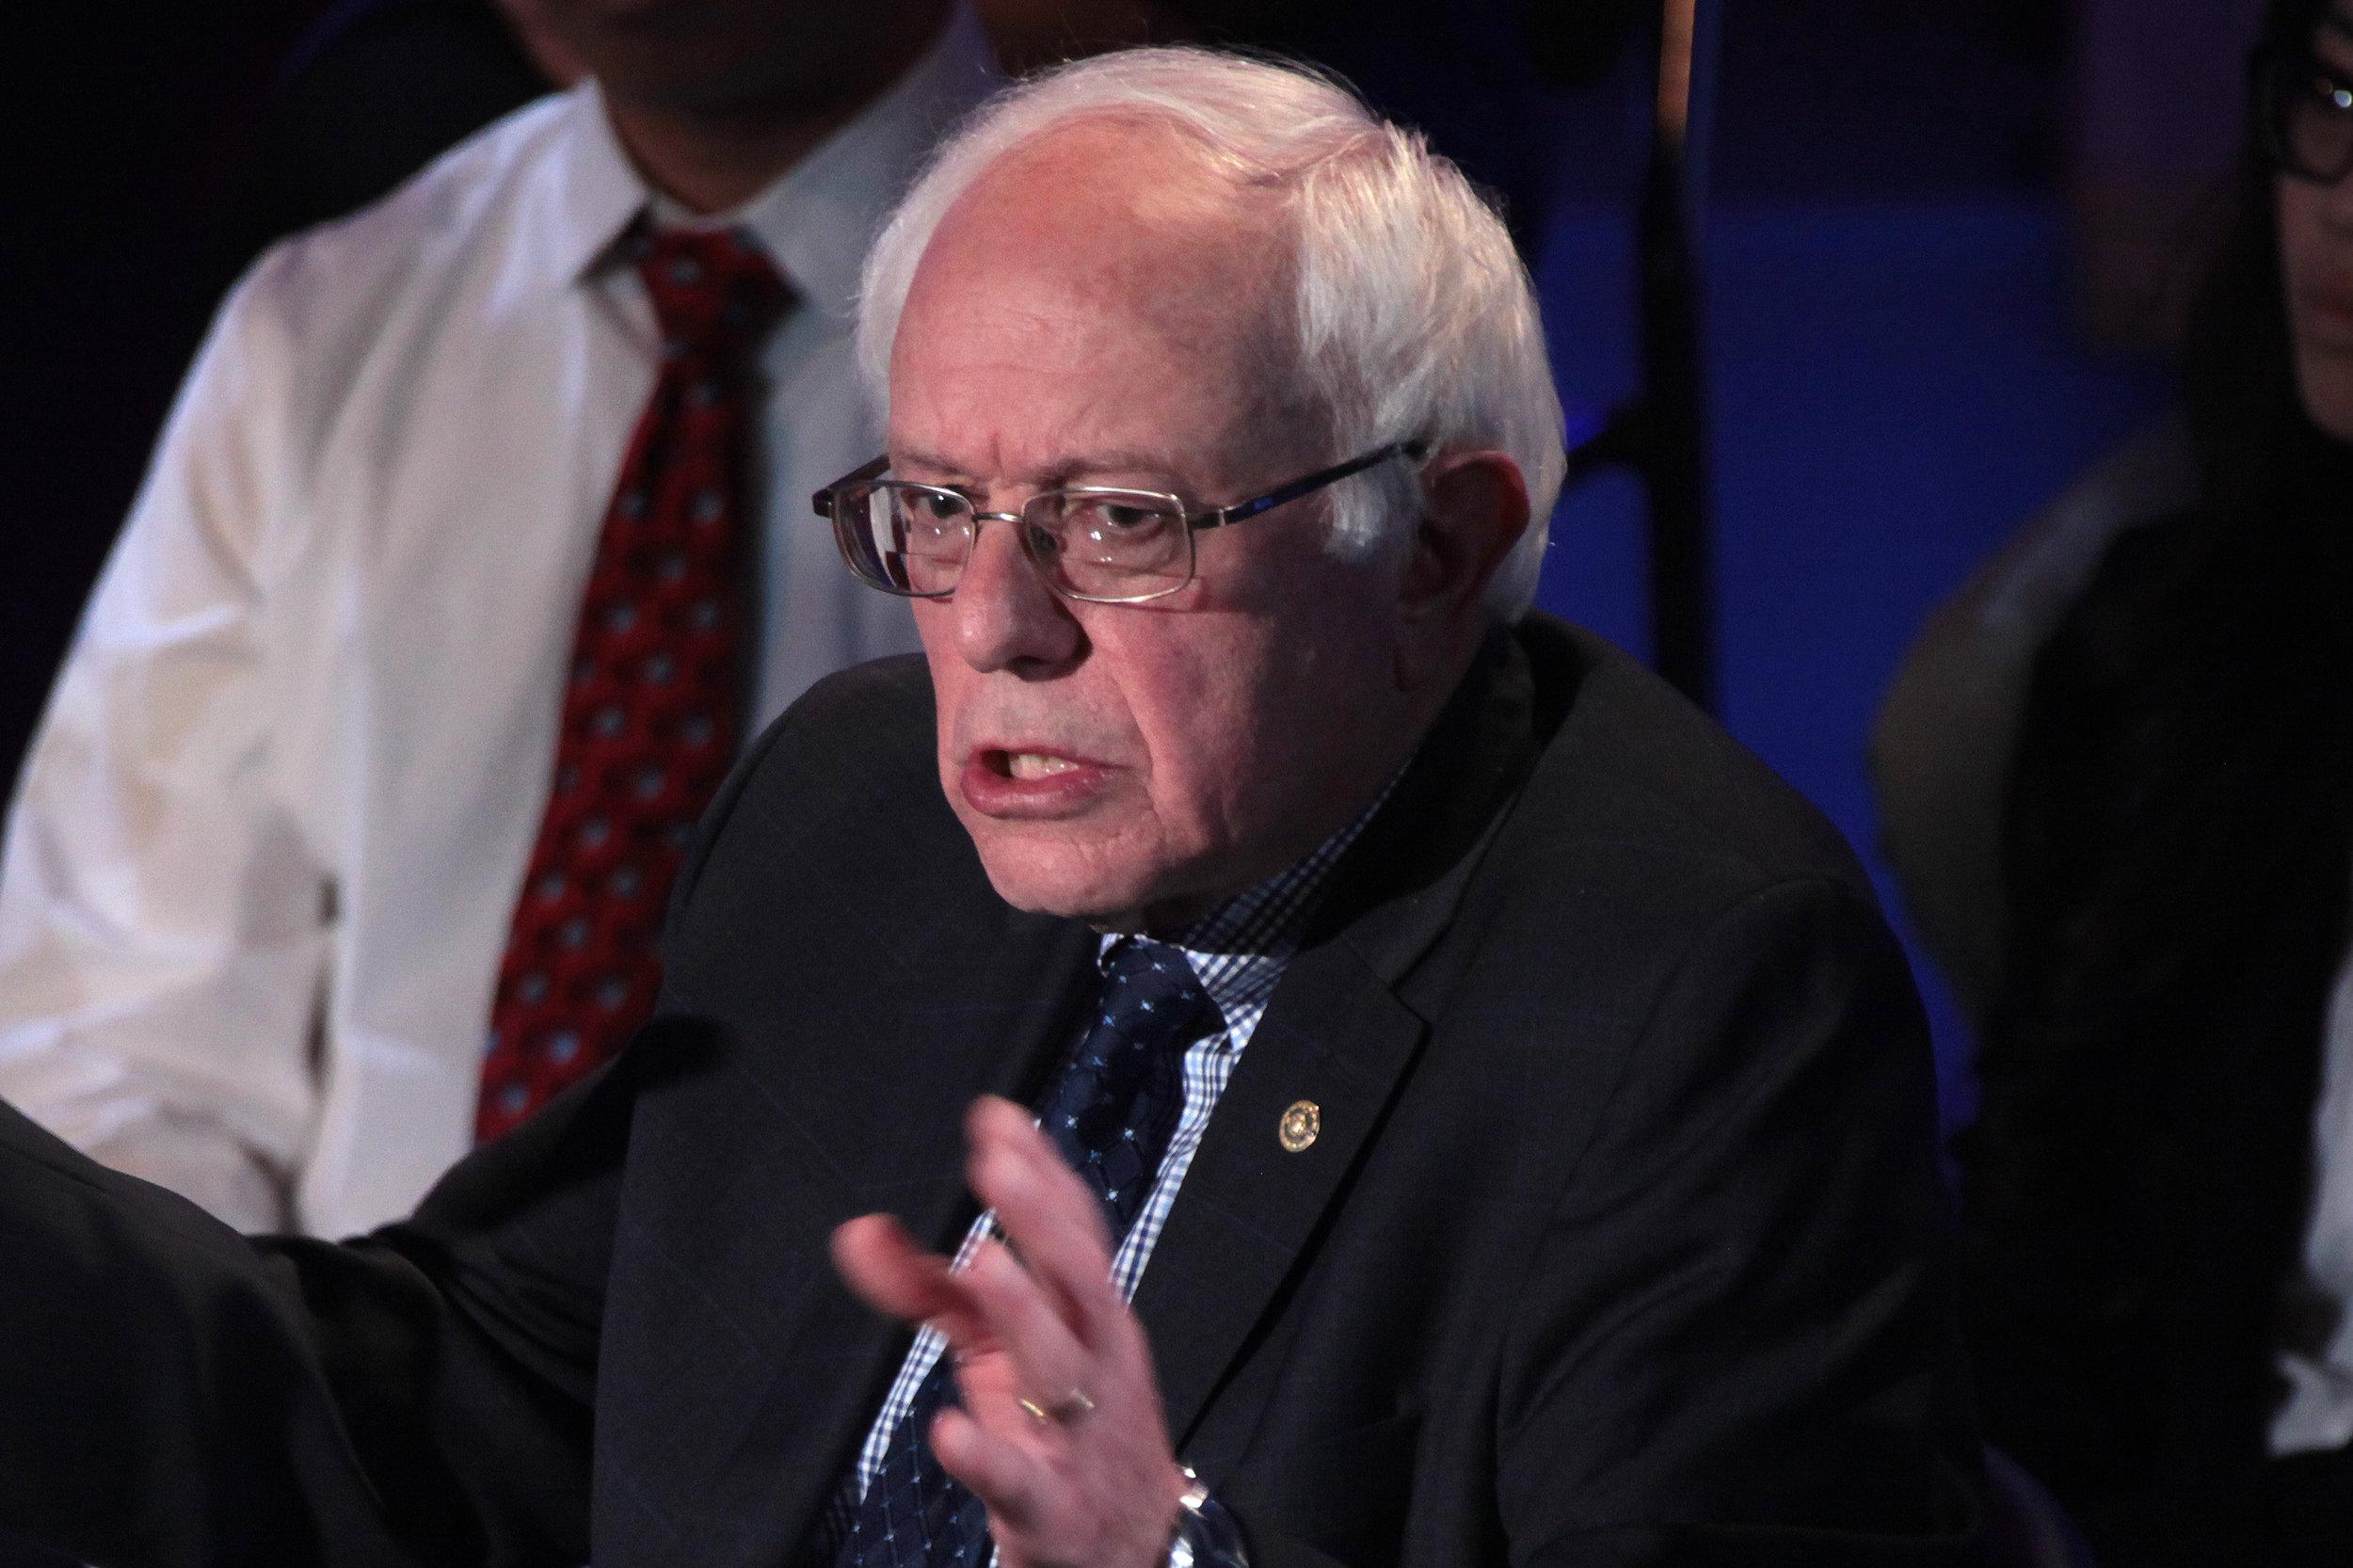 Where was Bernie Sanders on June 9th, 2016?